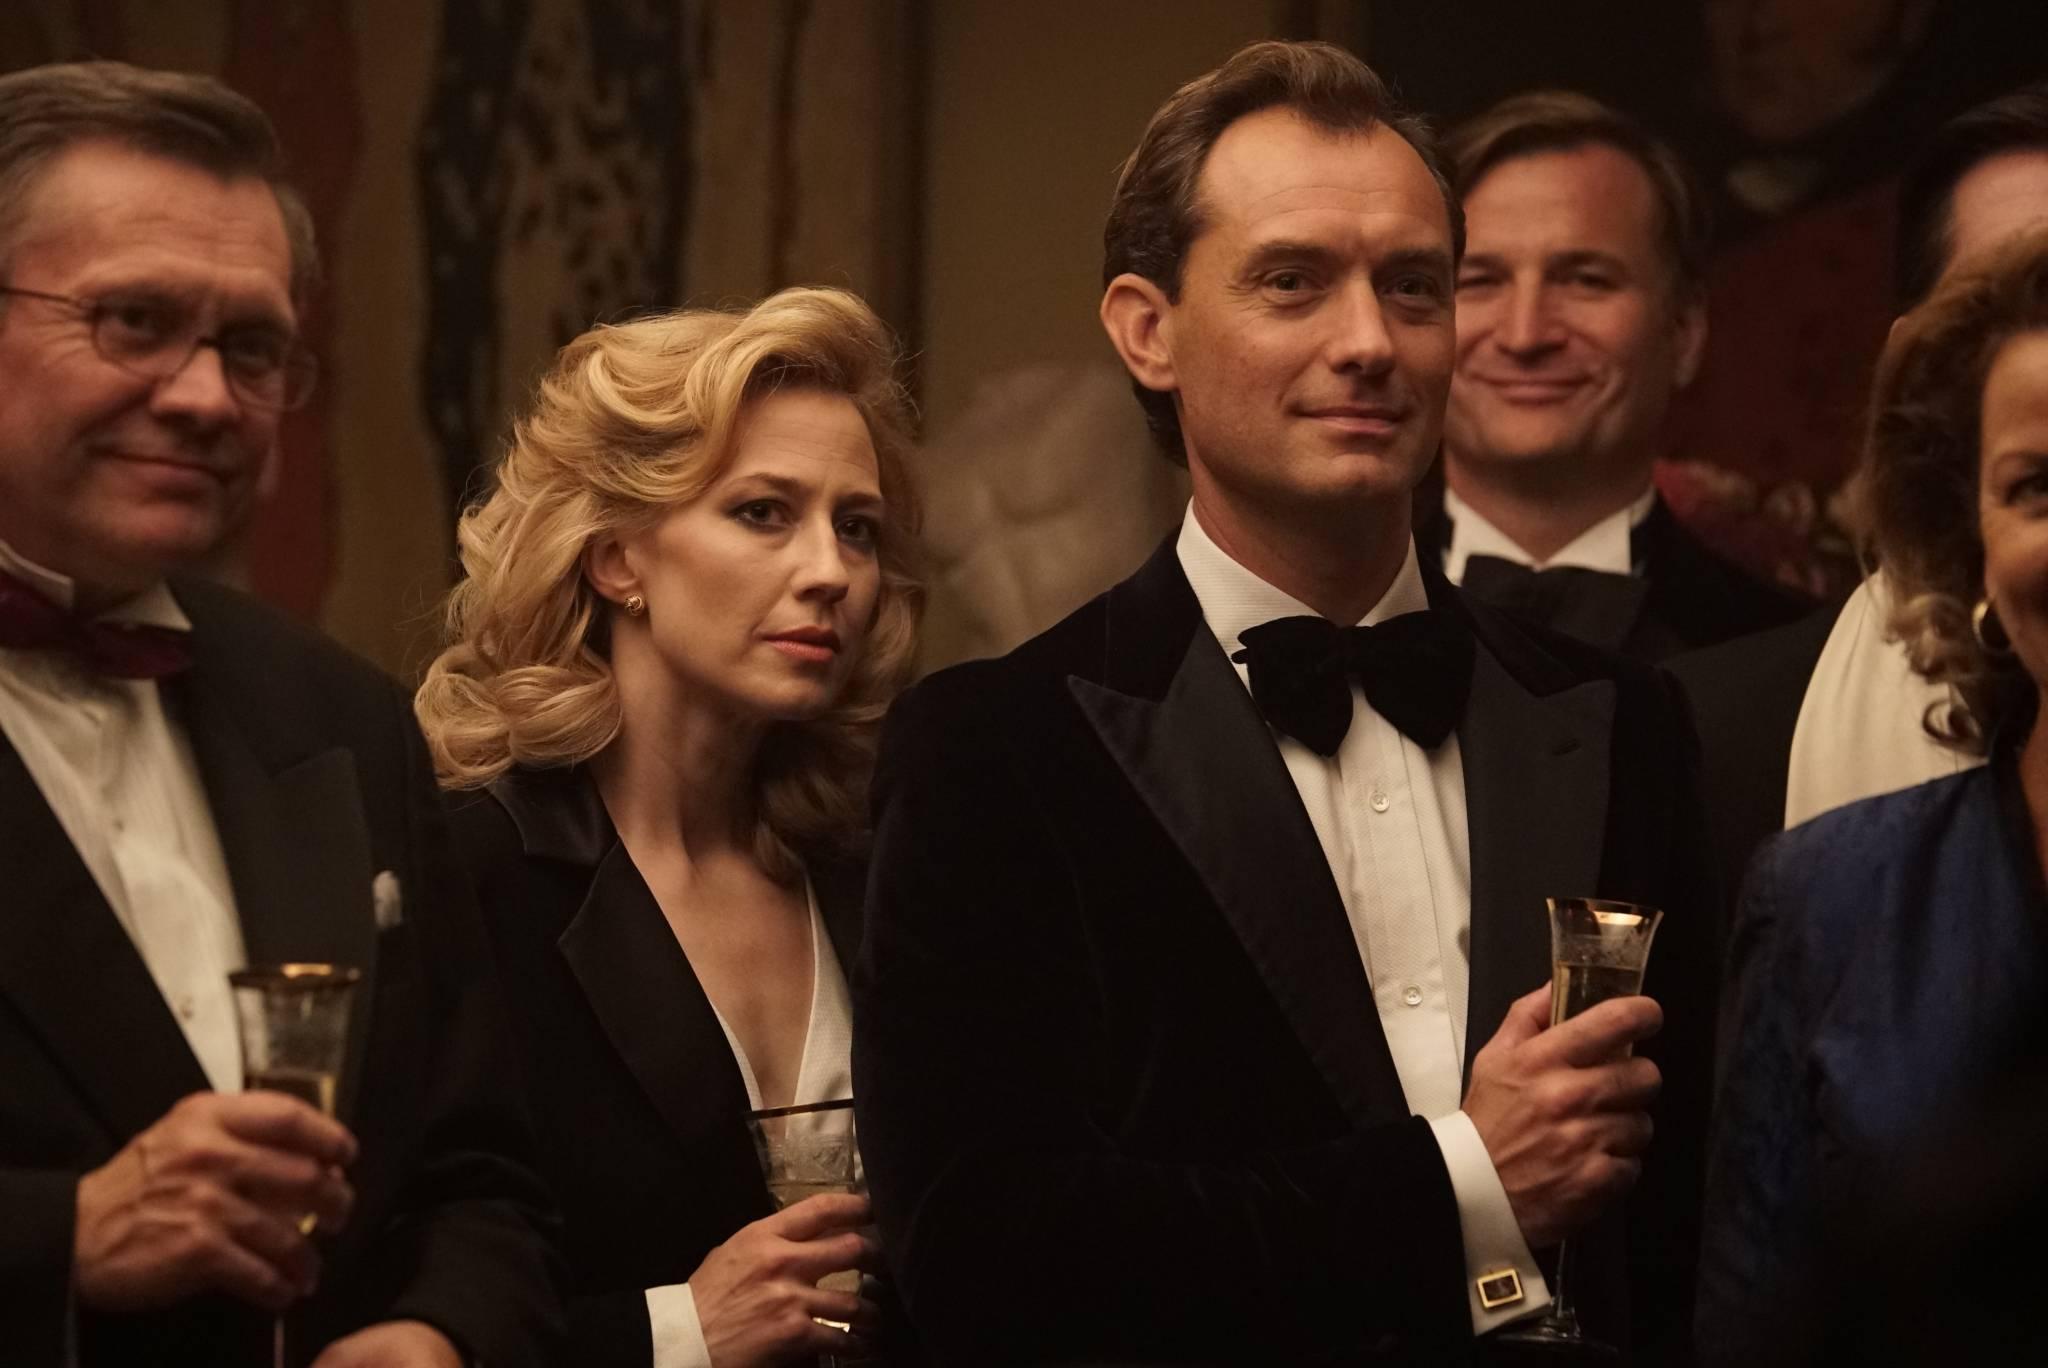 Jude Law - hollywoodzki przystojniak w pogoni za sukcesem